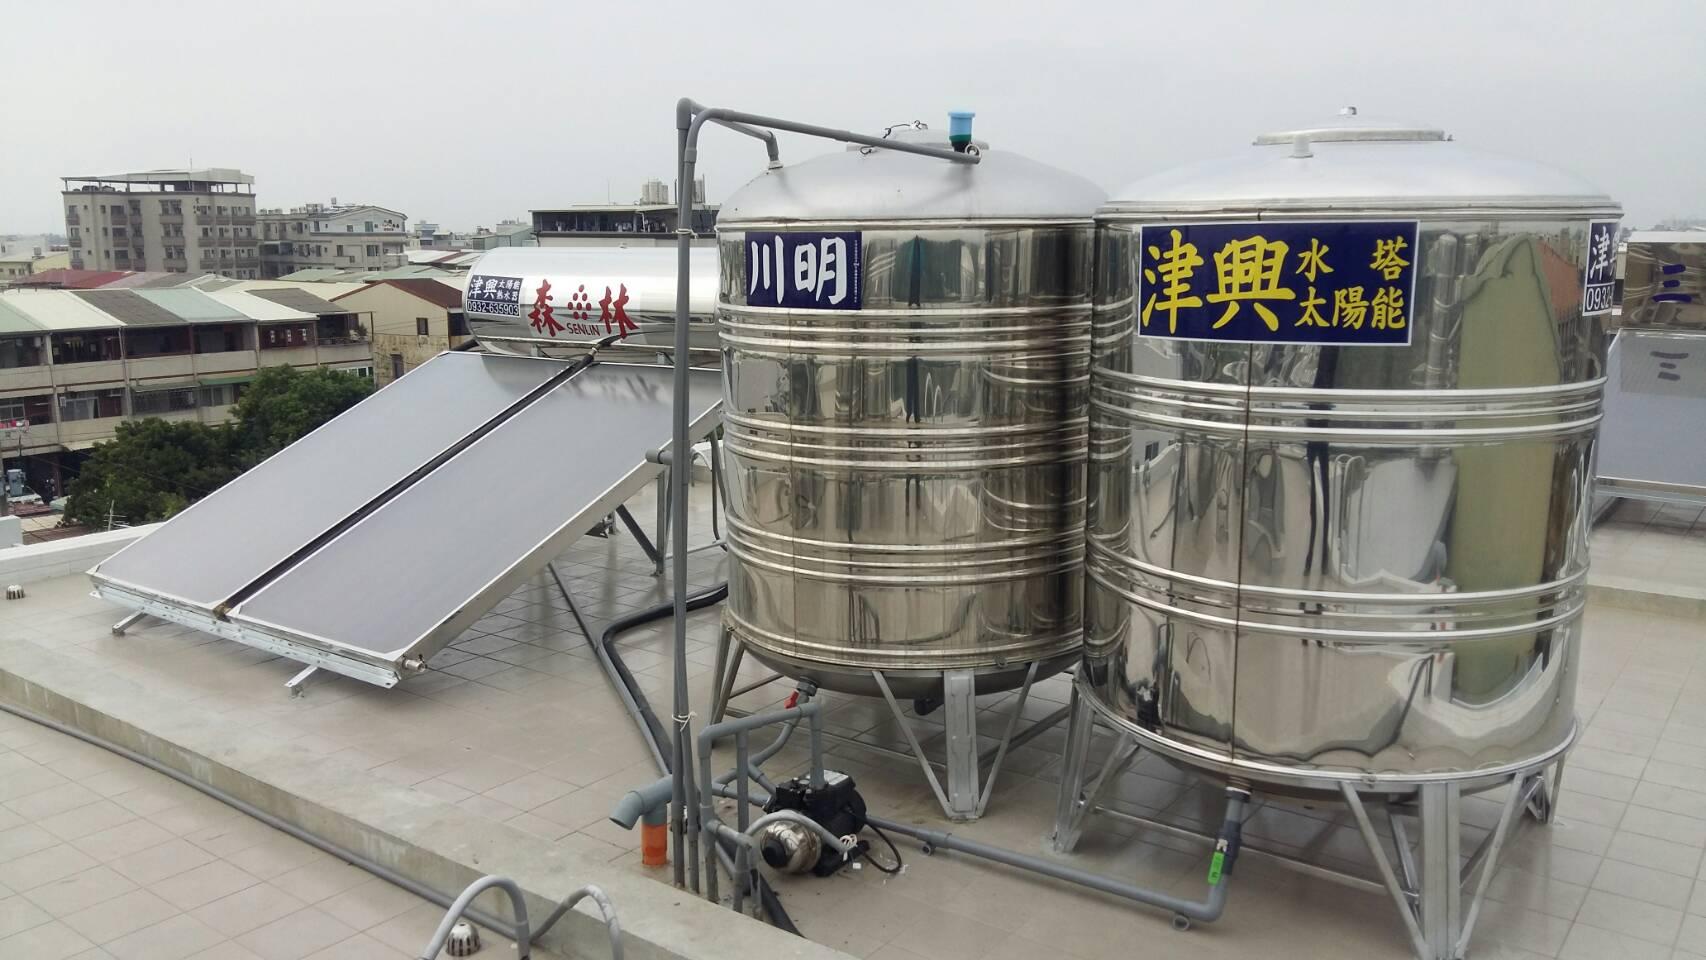 台南安南區(白樹)-森林太陽能熱水器二片一桶(335公升)+2T防震型水塔